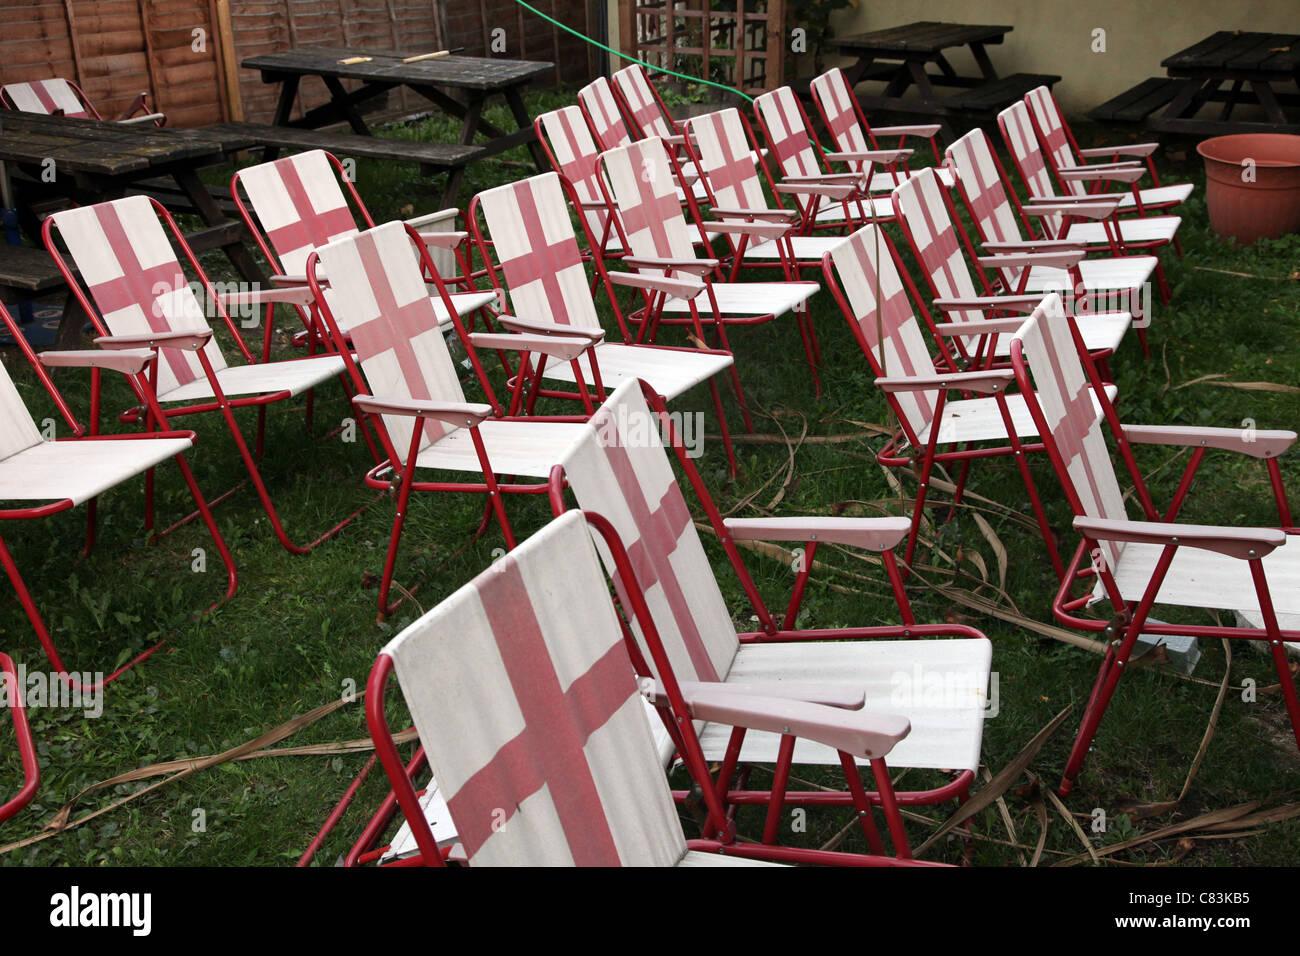 Sedia Sdraio In Inglese.Sedie A Sdraio Nel Giardino Di Un Pub Inglese Che Mostra La Bandiera